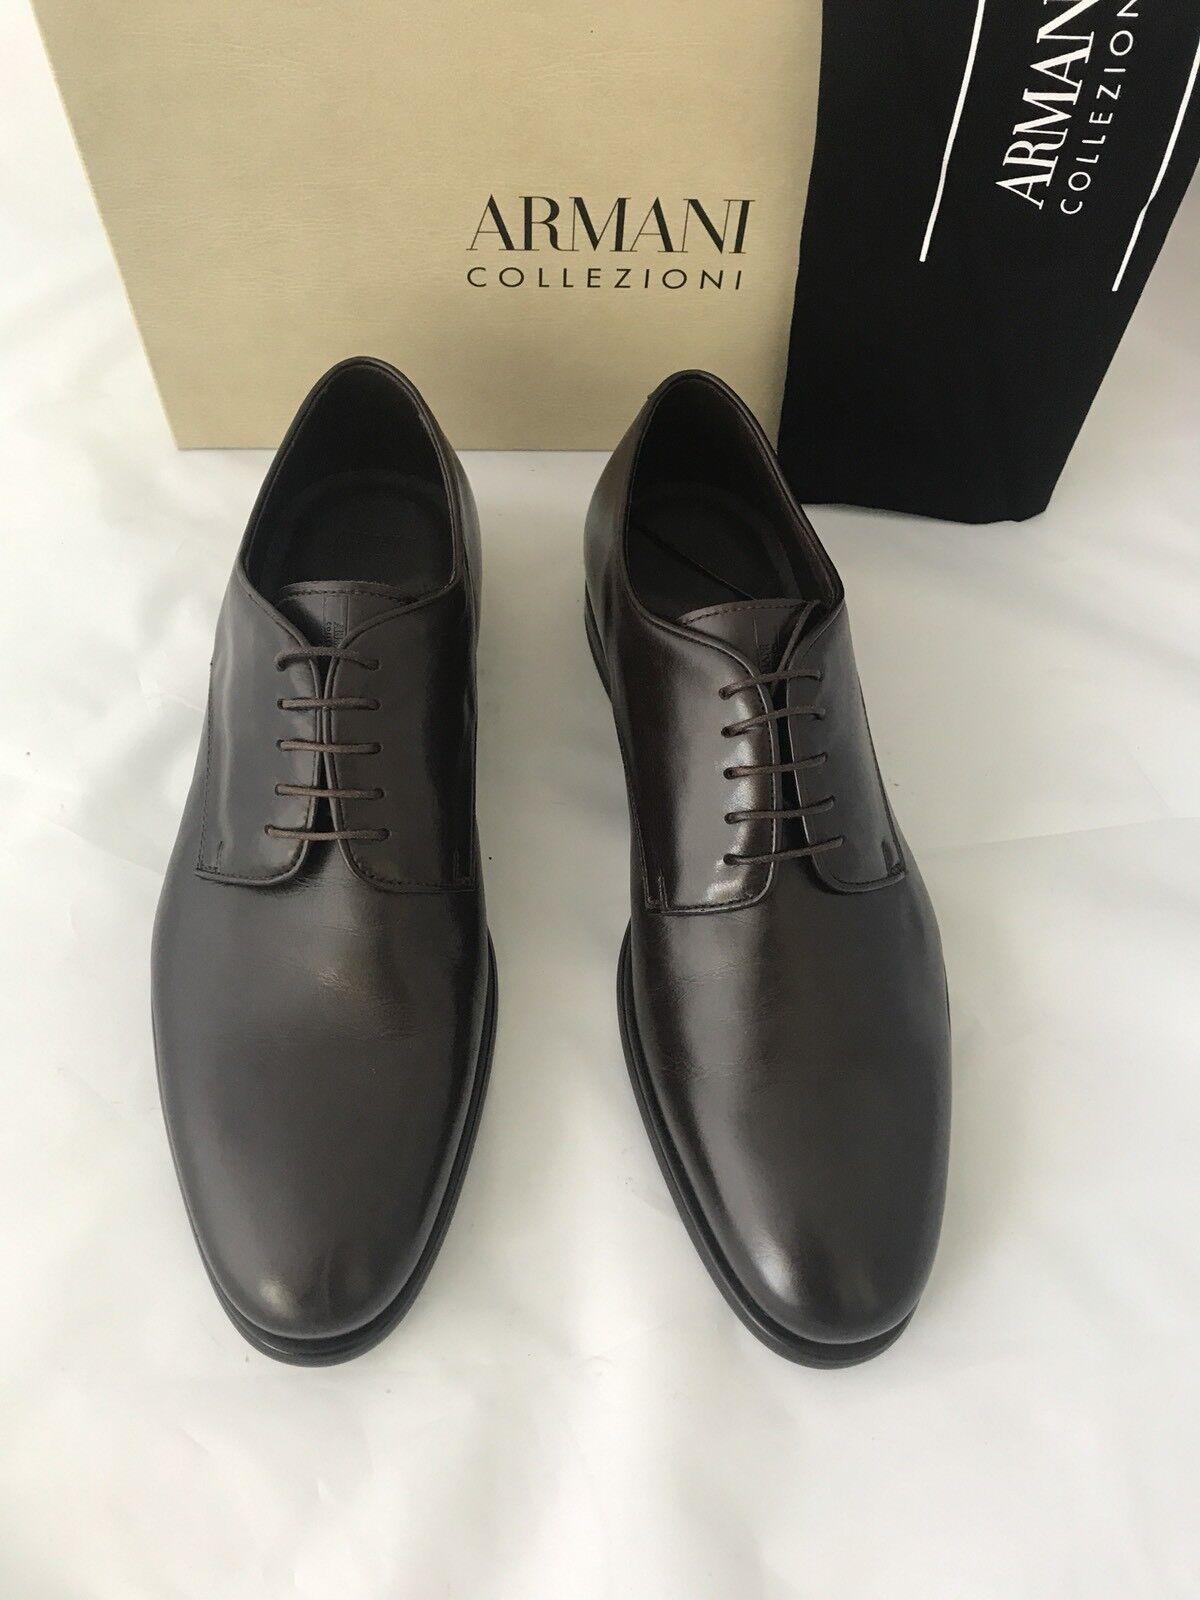 NIB $795 Armani Collezioni Leather uomo's Shoes Brown 11.5 US 44.5 Eu Italy Scarpe classiche da uomo